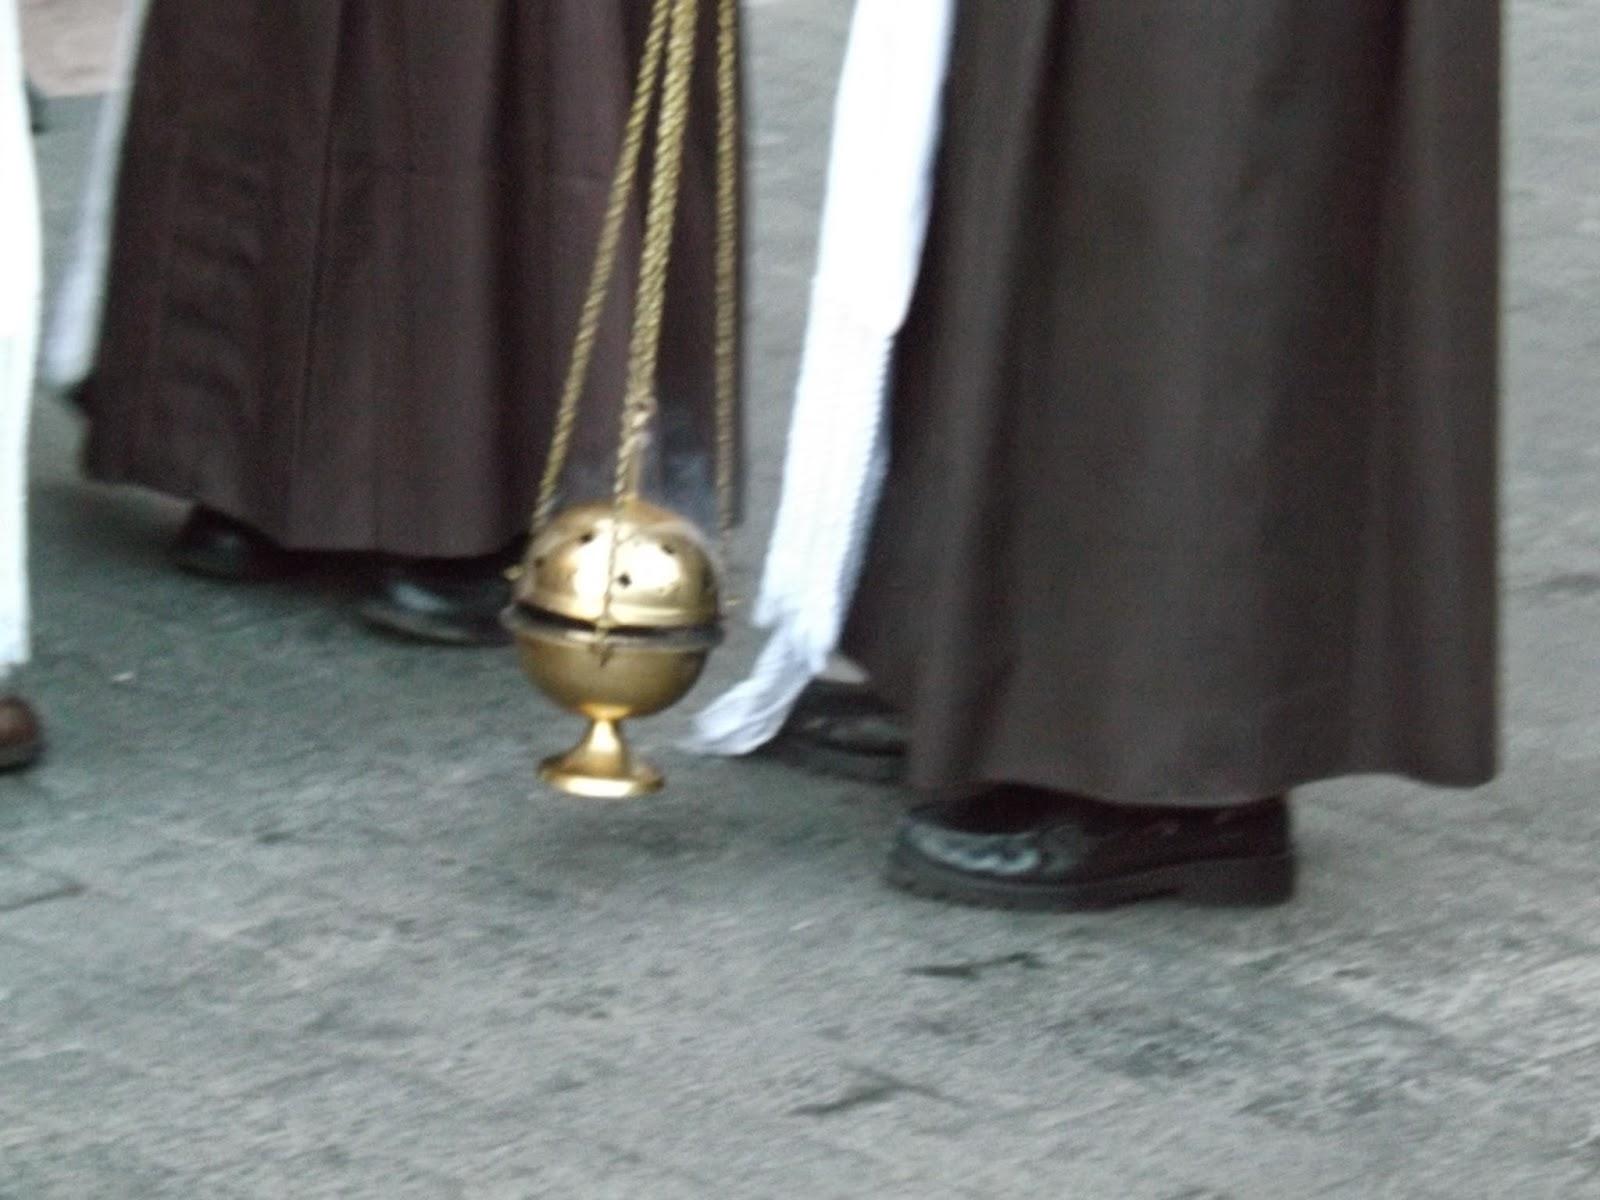 Imagen detalle de un pequeño incensario durante la procesión del Perdón en Semana Santa de León 2015